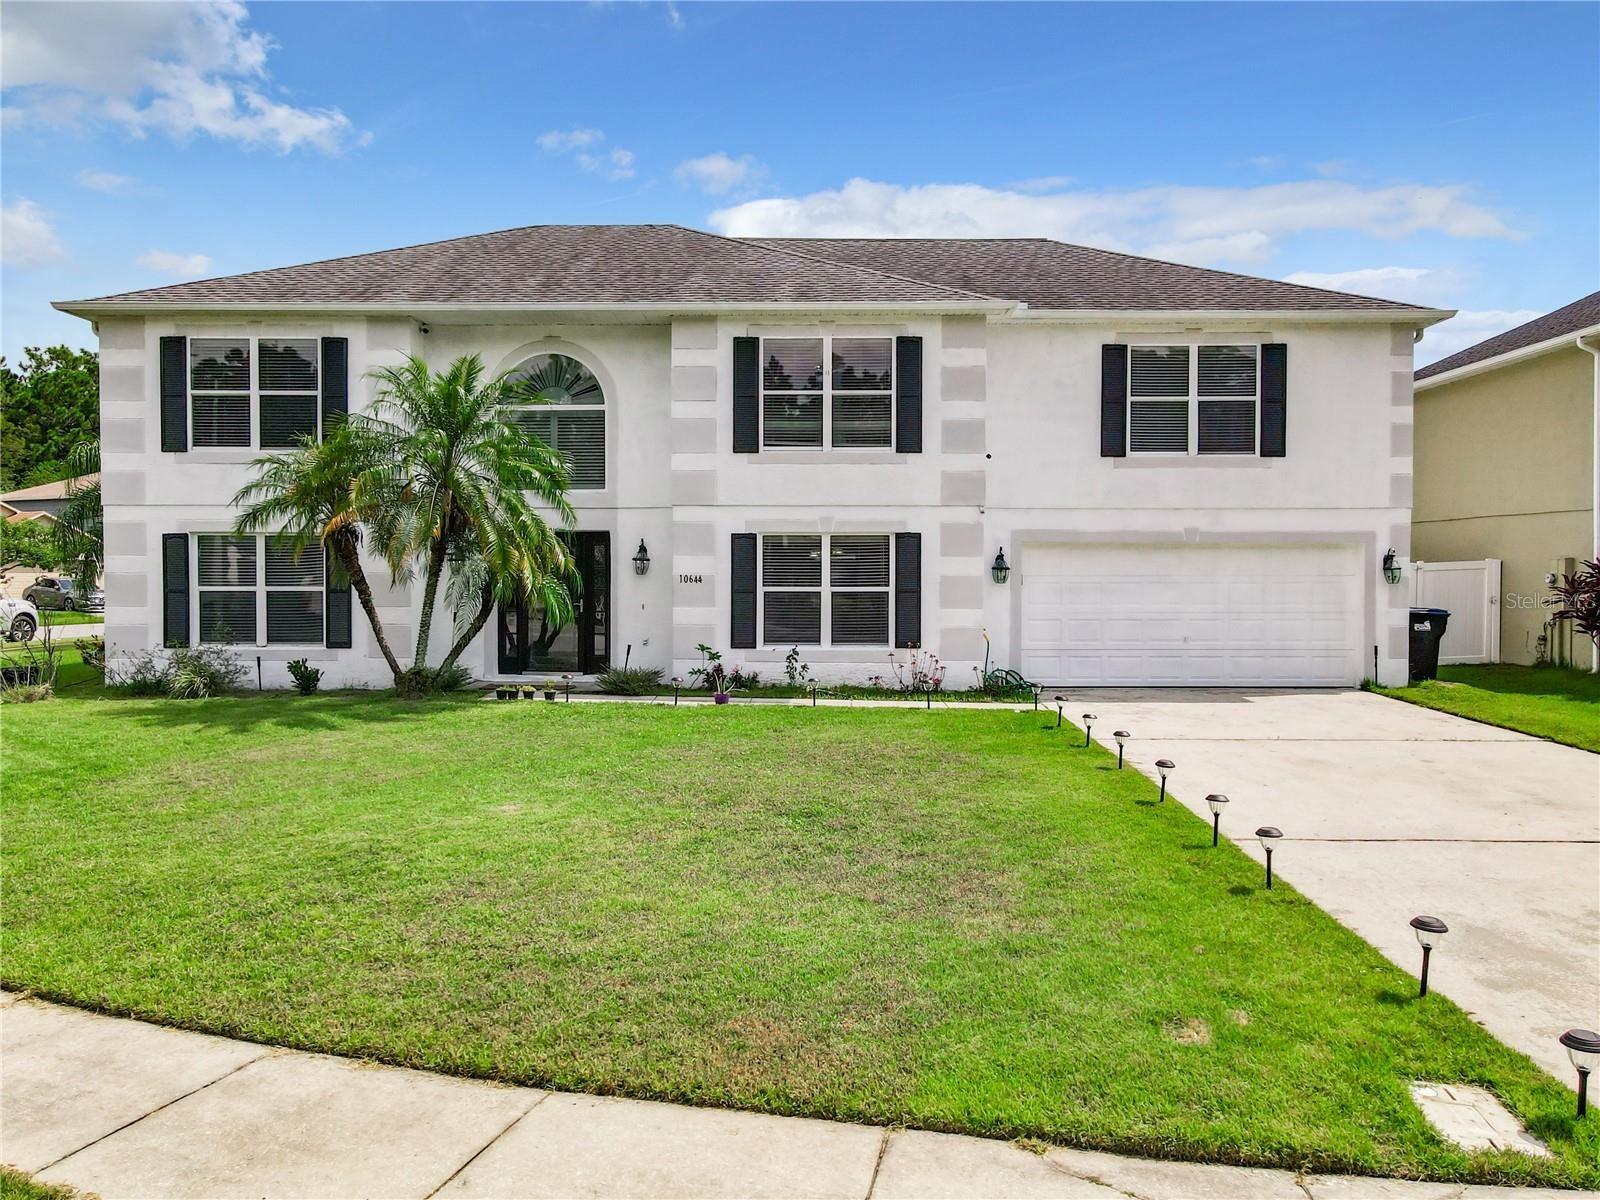 10644 LAXTON STREET, Orlando, FL 32824 - #: O5973049